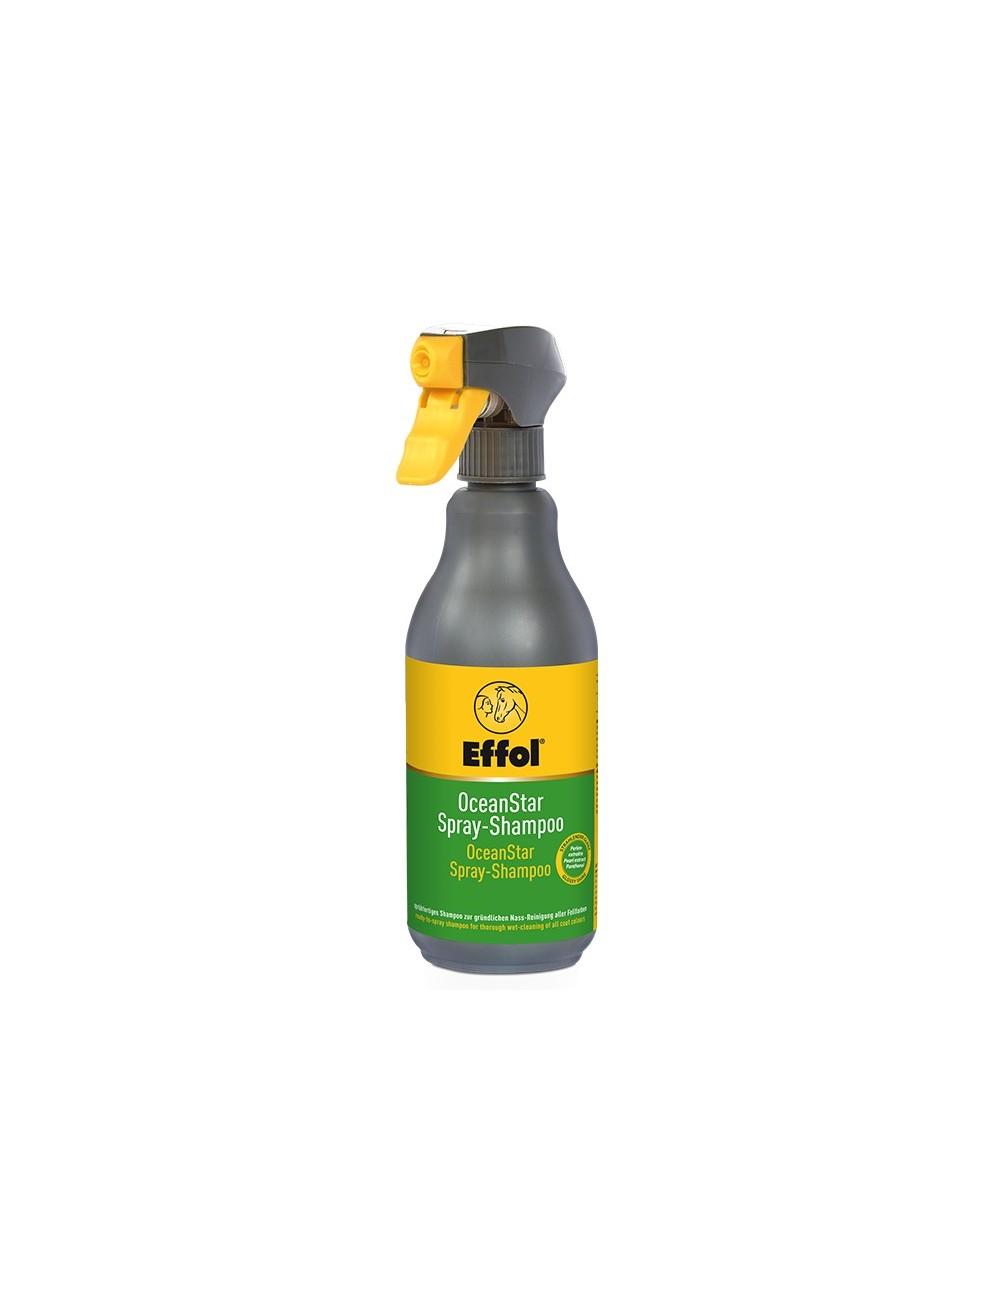 Effol Ocean-Star Spray-Shampoo